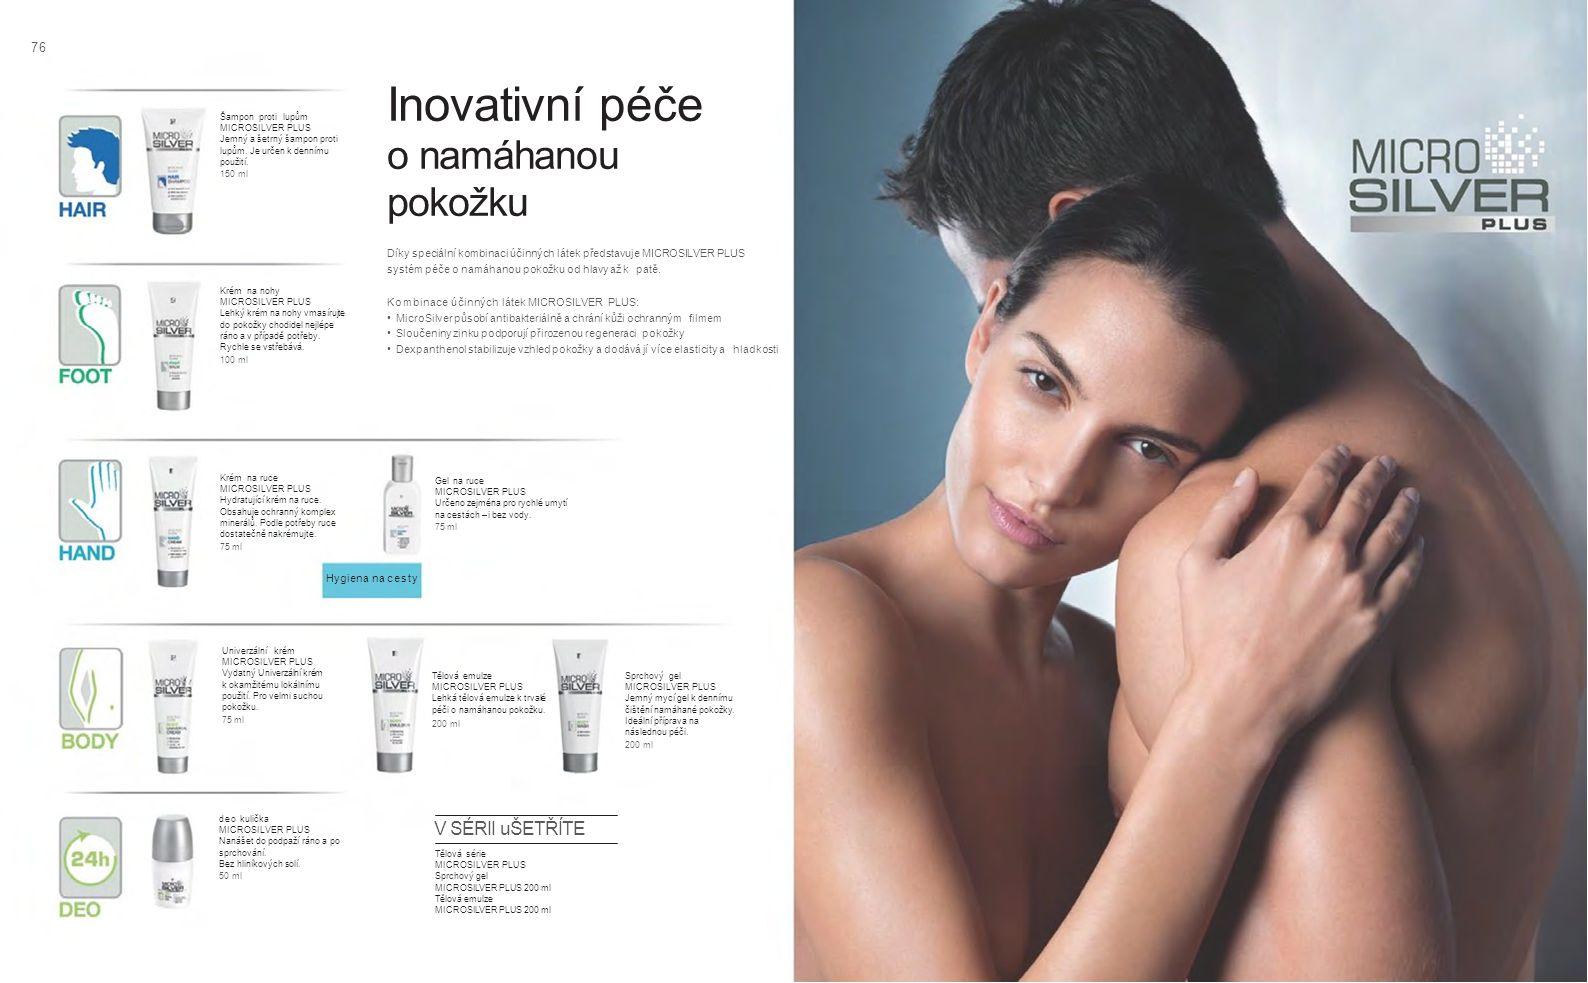 7676 V SÉRII uŠETŘÍTE Inovativní péče o namáhanou pokožku Díky speciální kombinaci účinných látek představuje MICROSILVER PLUS systém péče o namáhanou pokožku od hlavy až k patě.